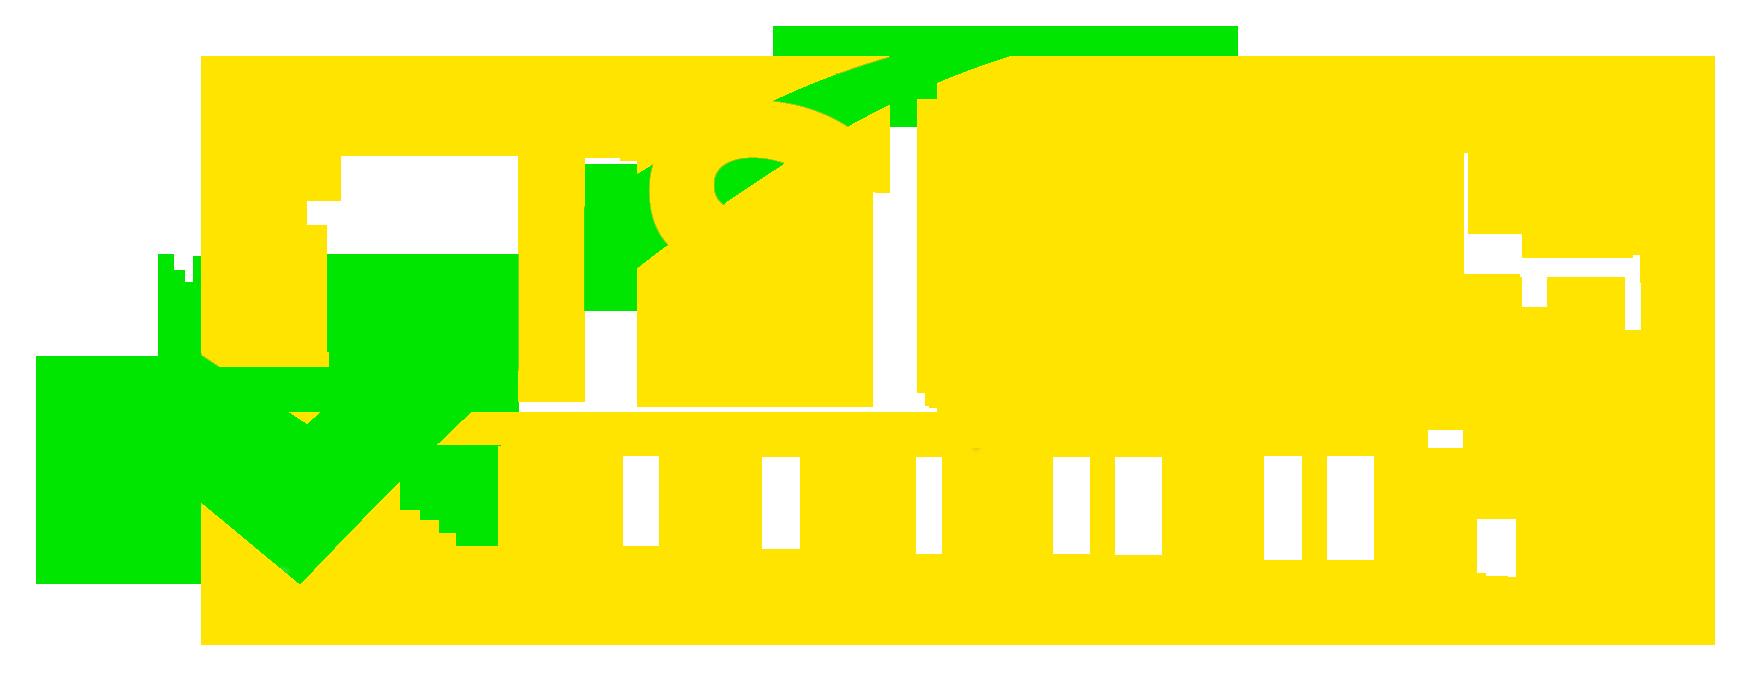 Chứng nhận tiêu chuẩn ISO 9001:2015